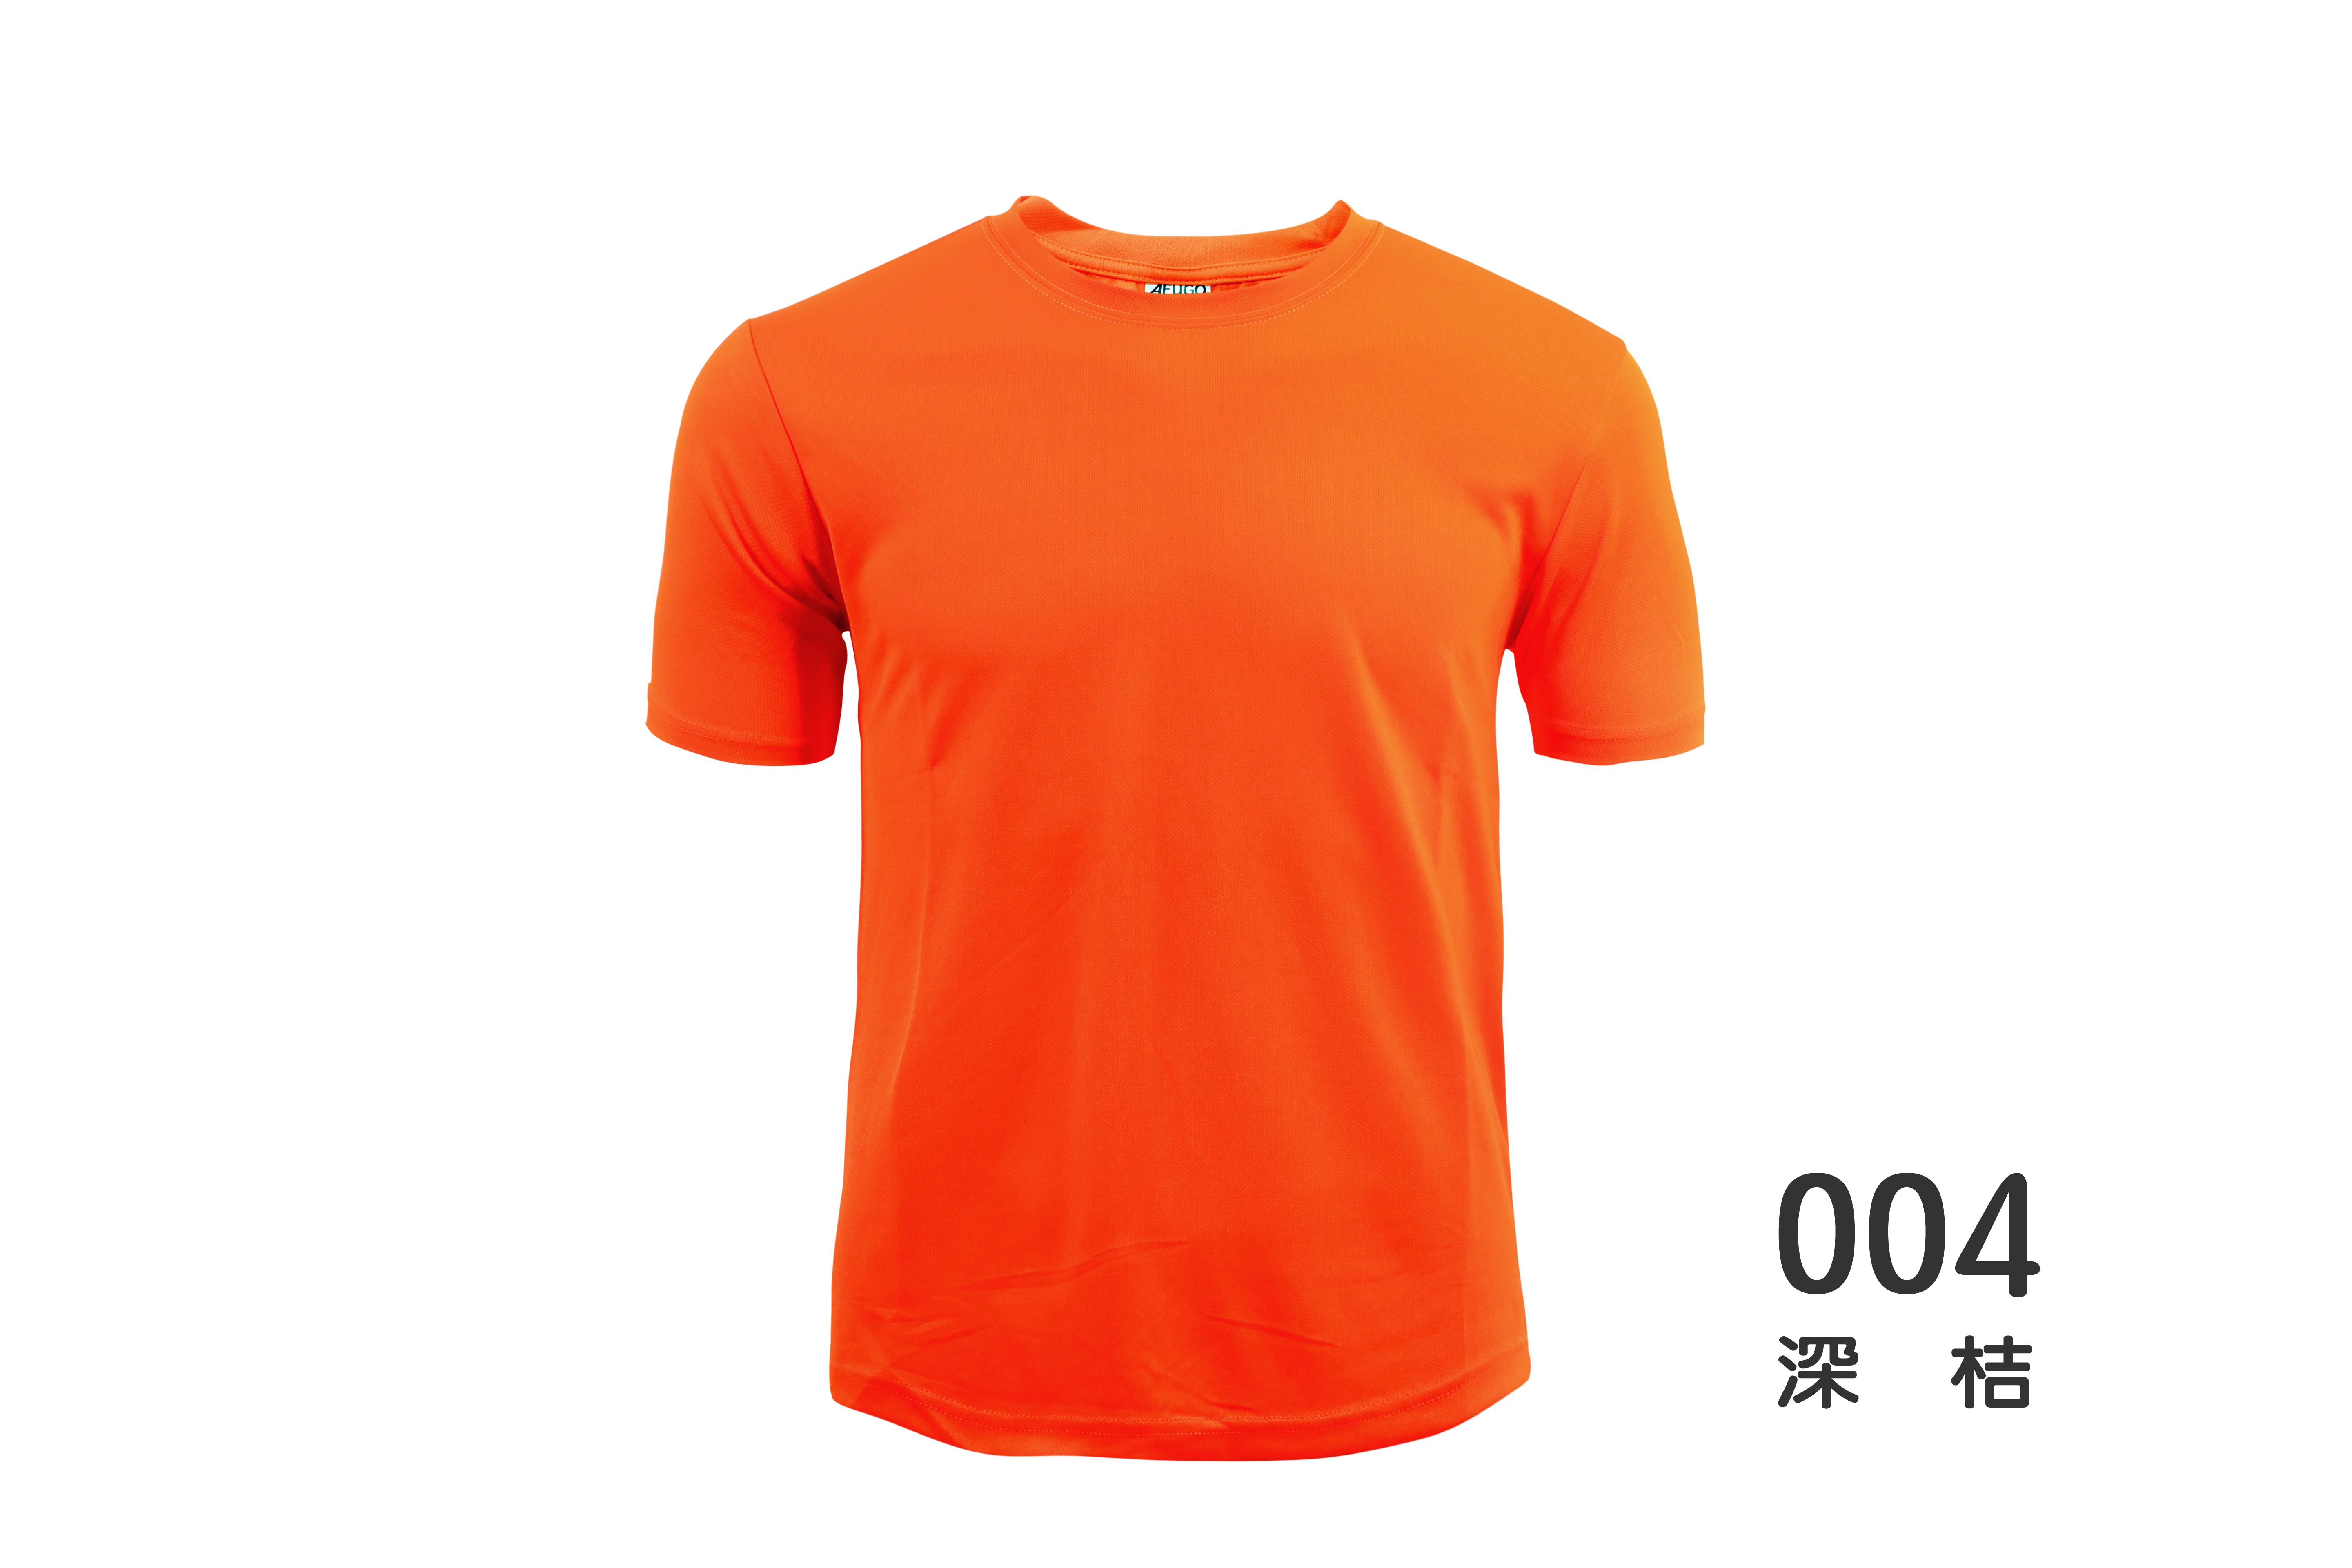 004深桔-1-01